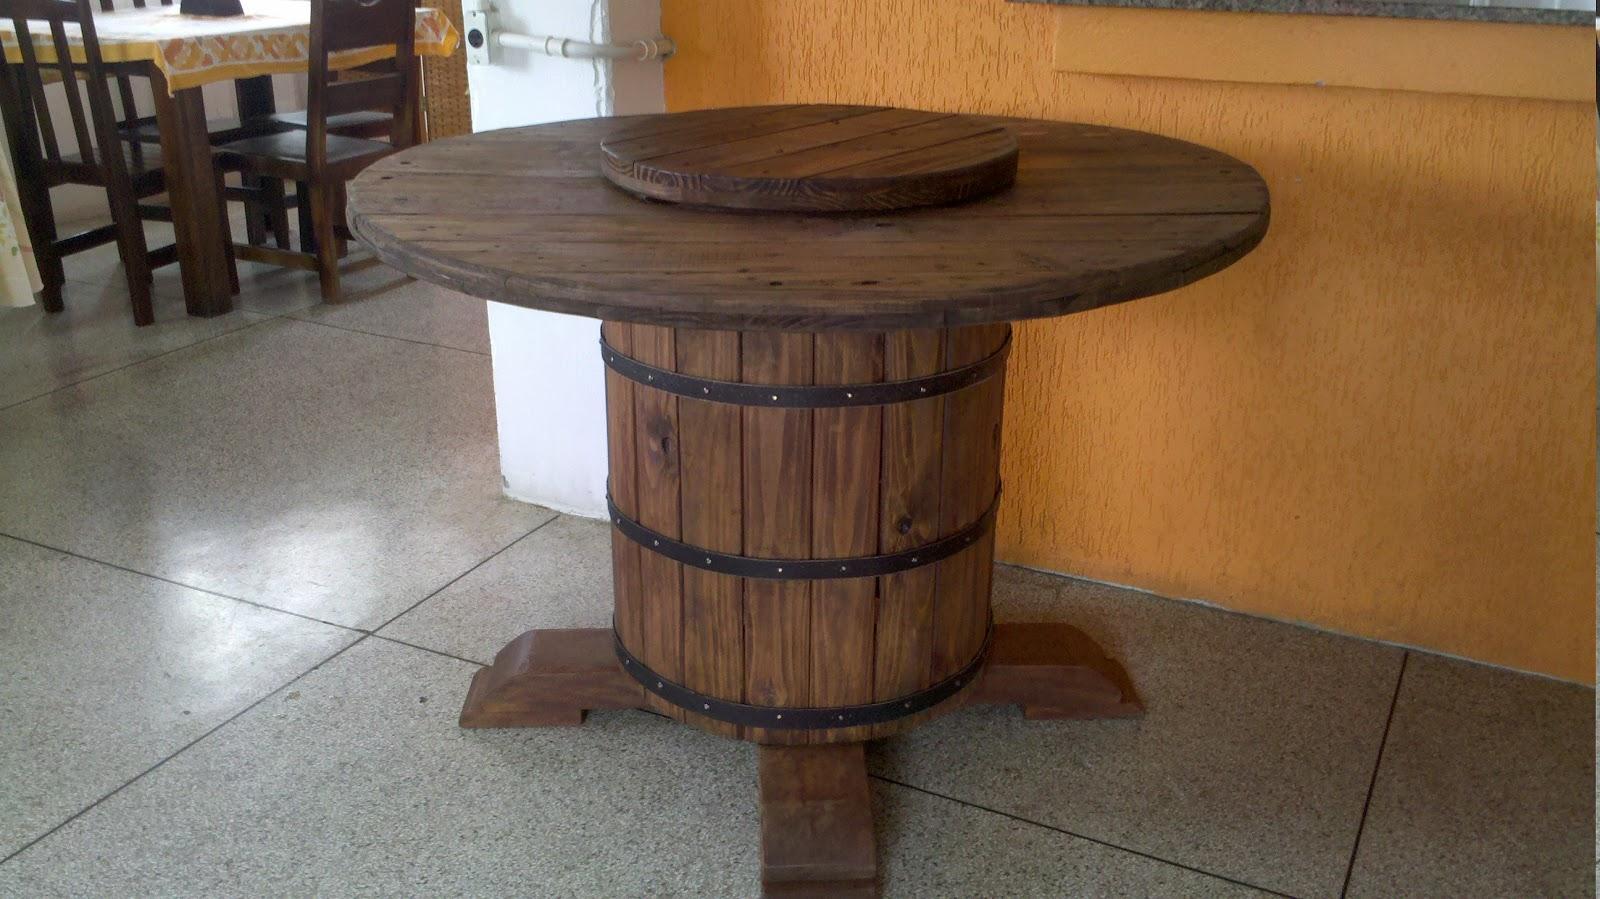 Mesa rústica com centro giratório feito sob encomenda para a Empresa  #966635 1600x899